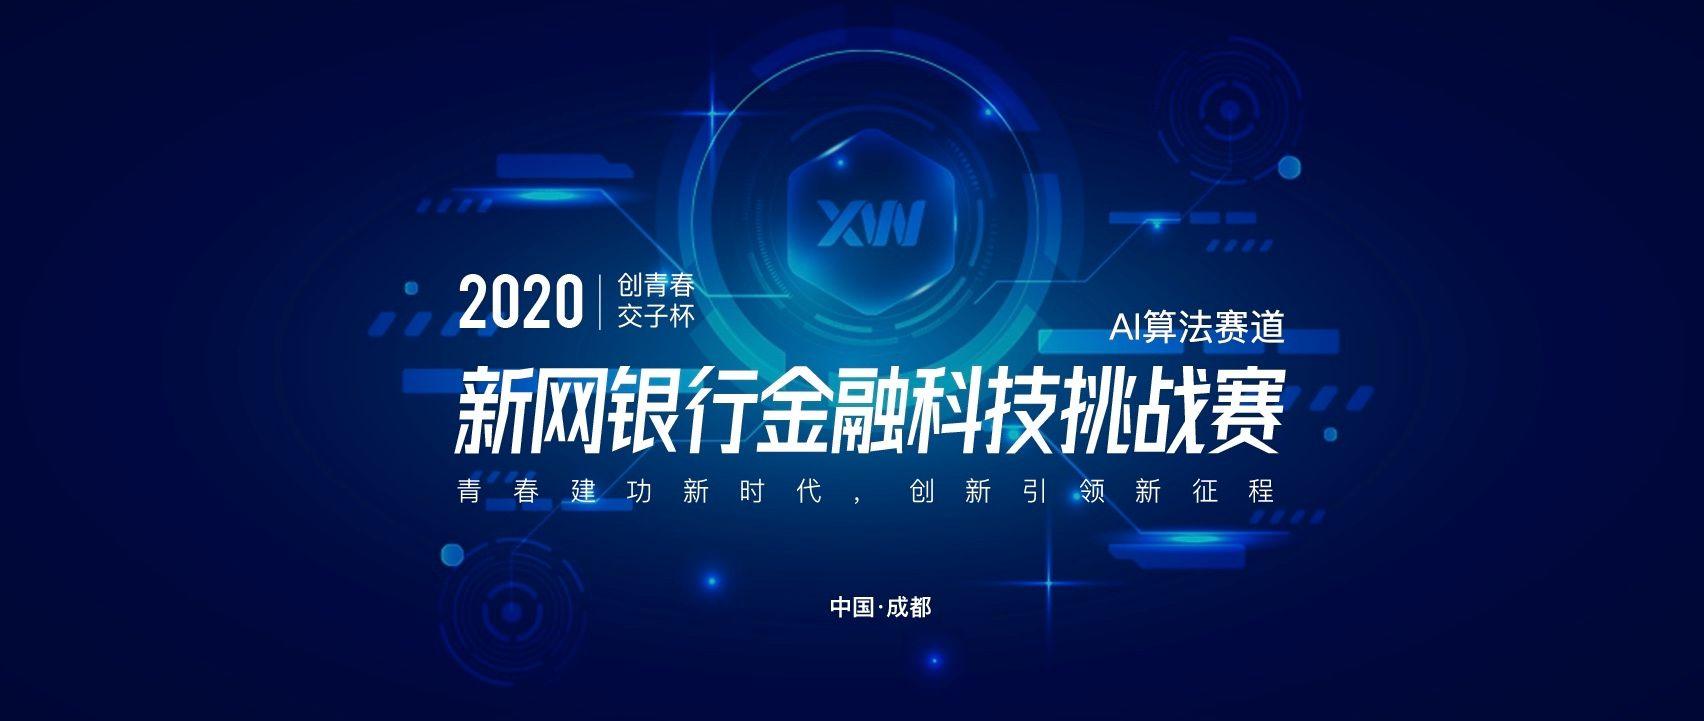 """2020""""创青春·交子杯""""新网银行金融科技挑战赛在和鲸社区正式上线"""